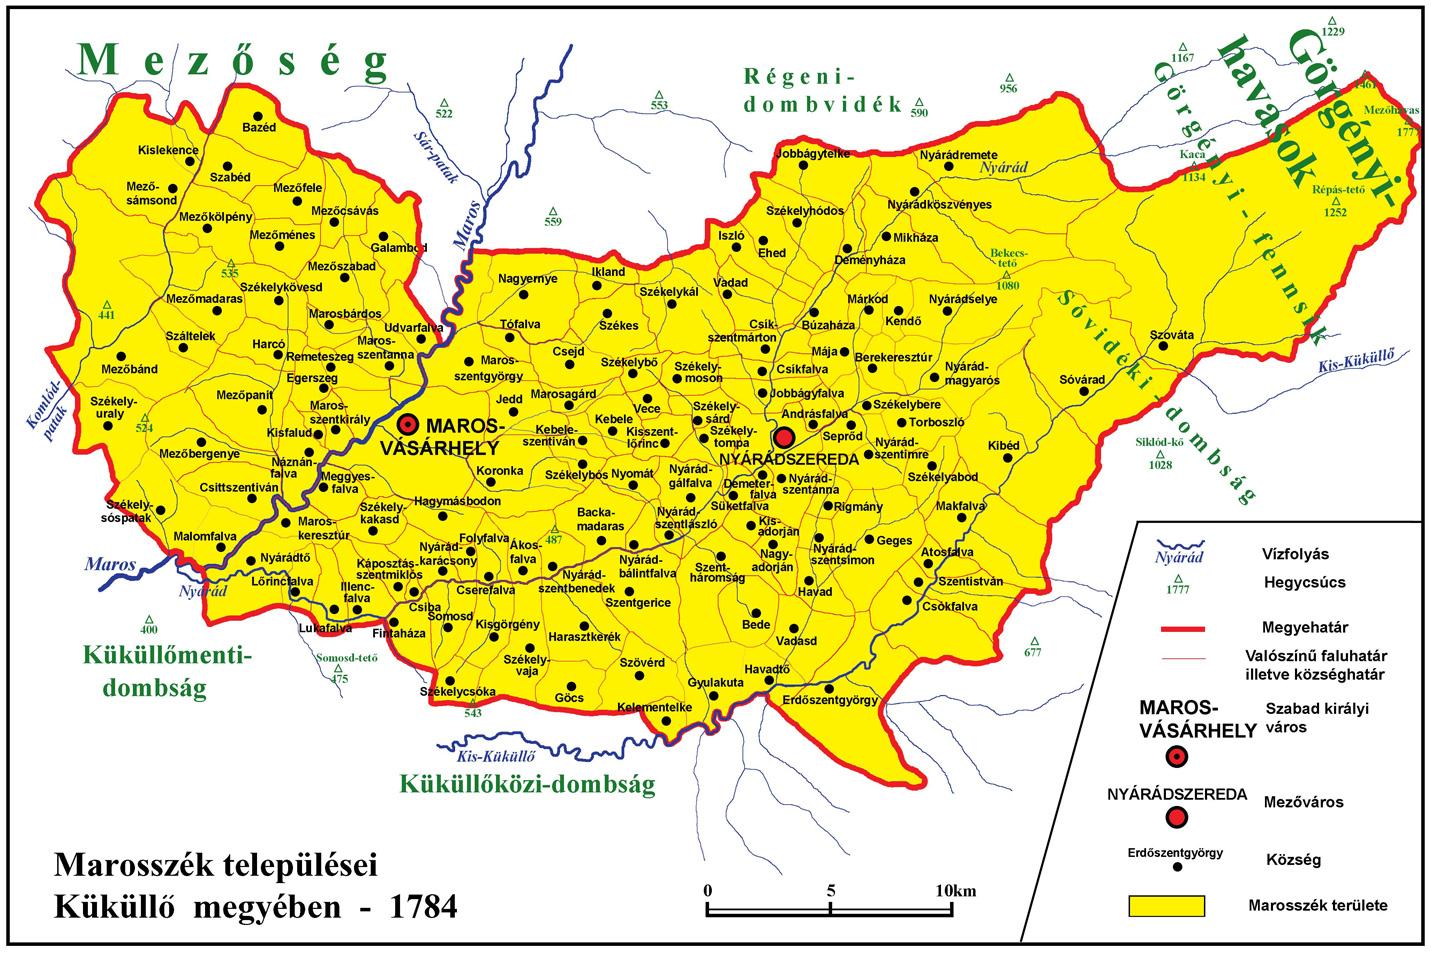 dél erdély térkép Az erdélyi megyék közigazgatási határainak változása a középkortól  dél erdély térkép